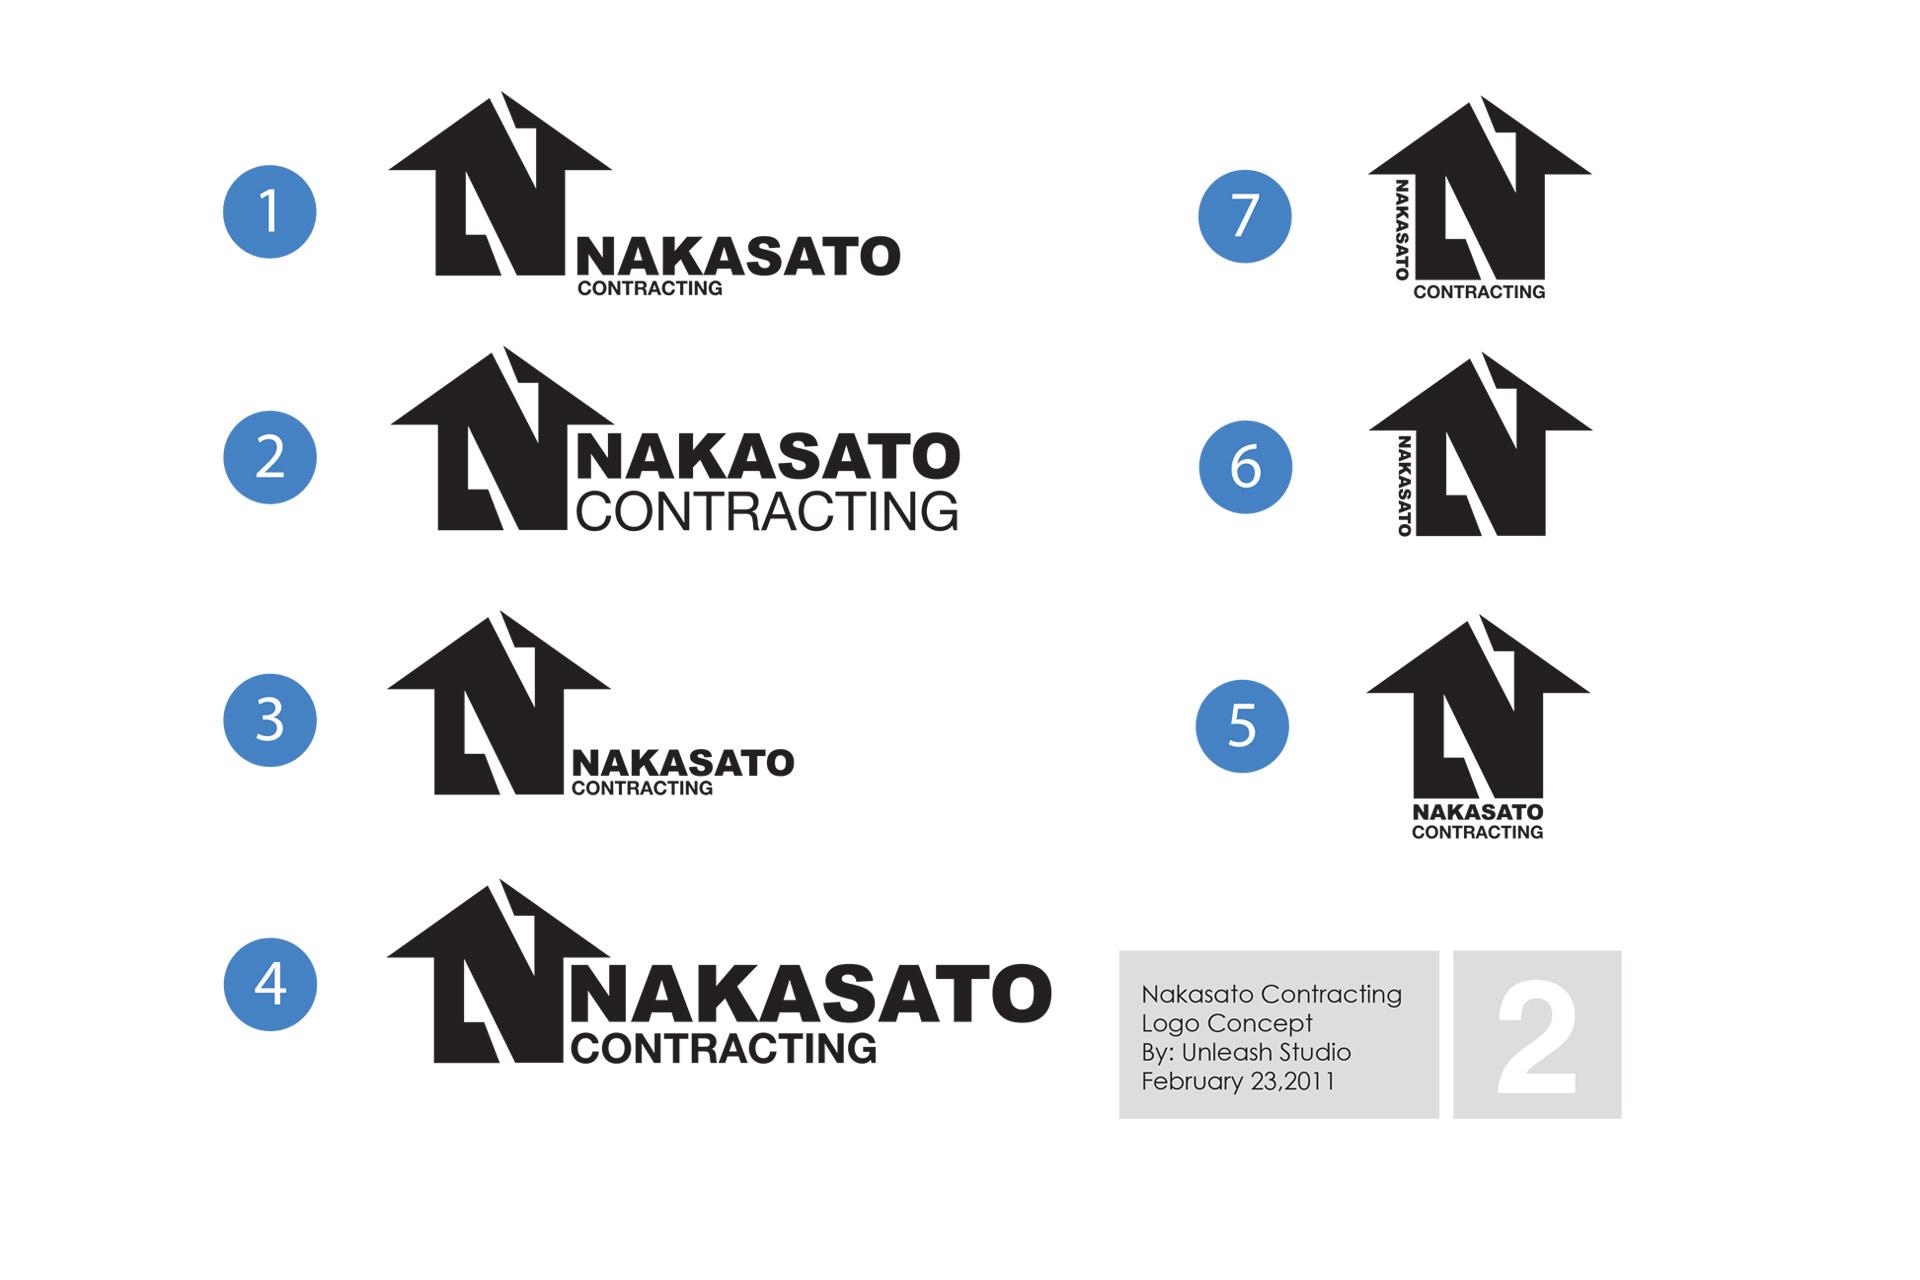 nakasato5